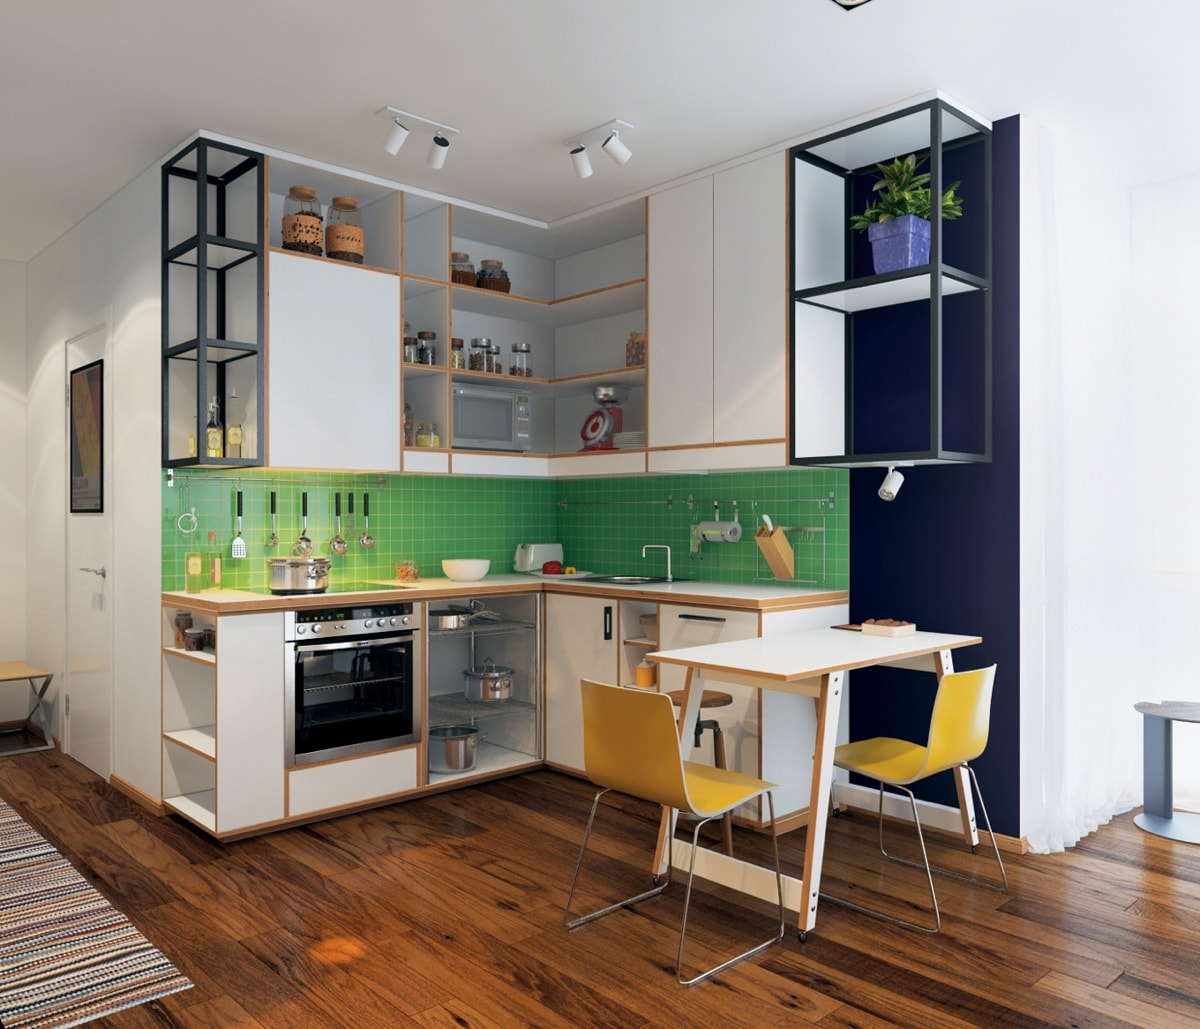 thiết kế nội thất phòng bếp với màu xanh màu vàng và màu trắng